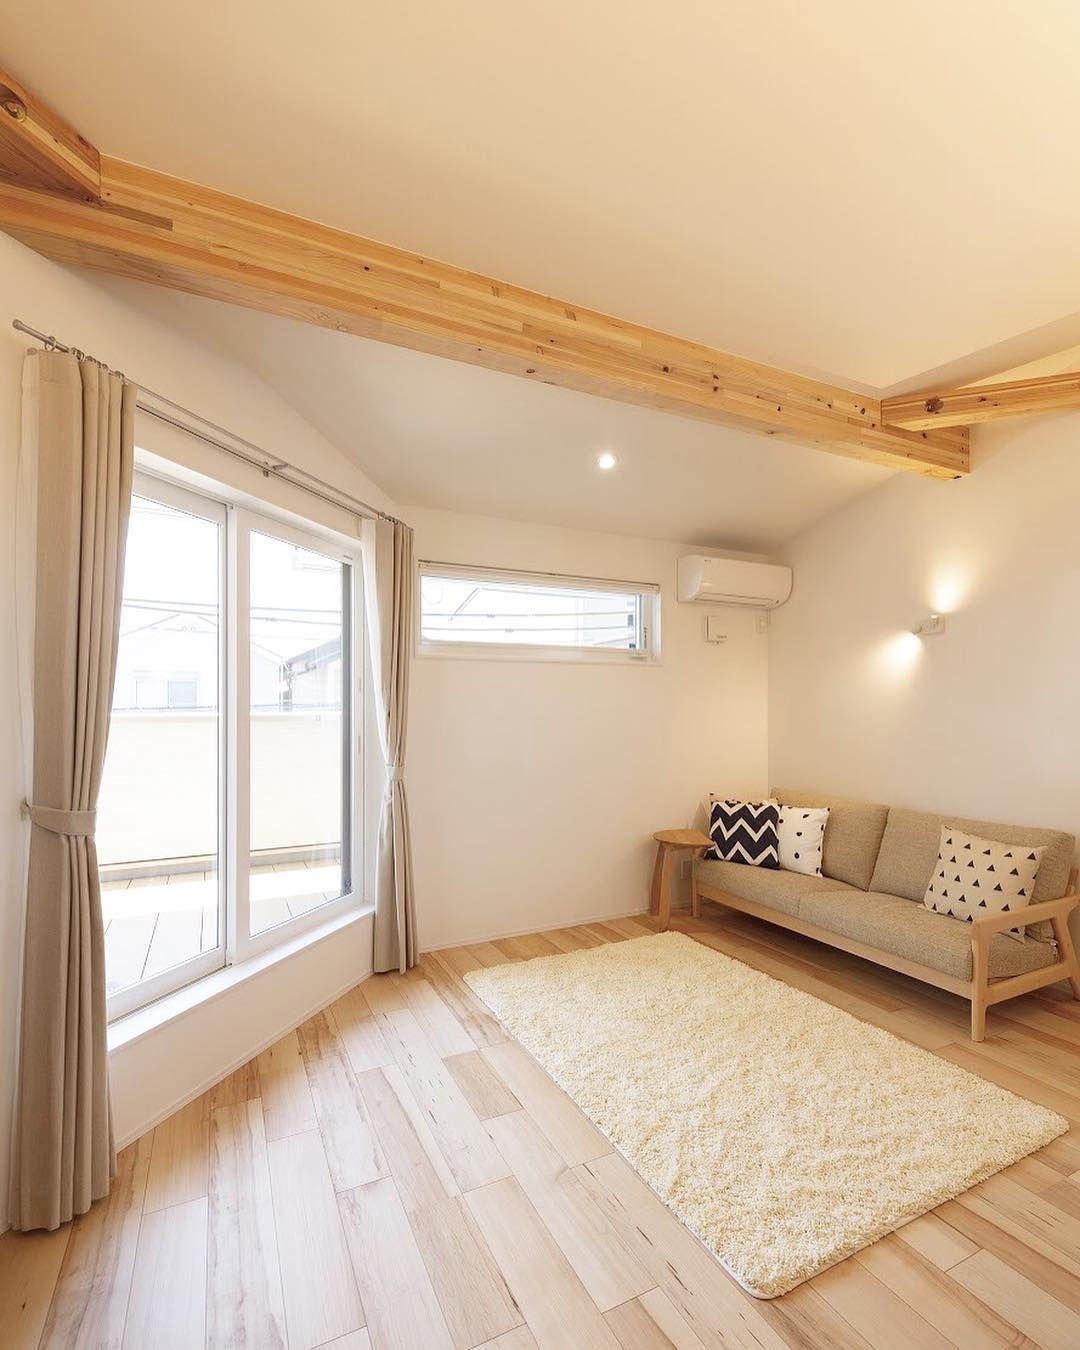 デザオ建設 On Instagram 光がまわる白い壁 天井の梁をアクセントに